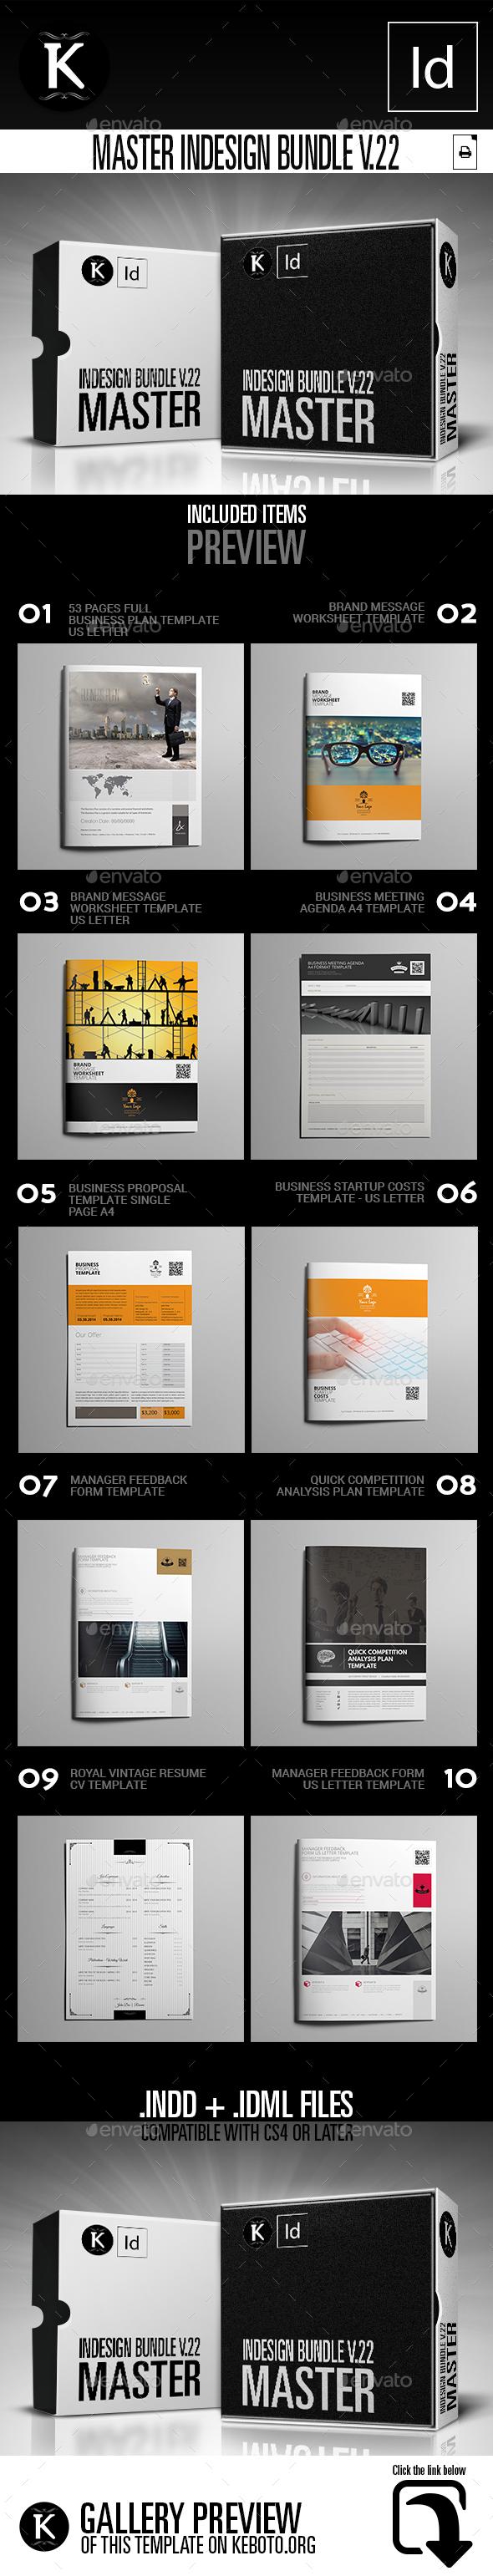 Master inDesign Bundle v.22 - Print Templates